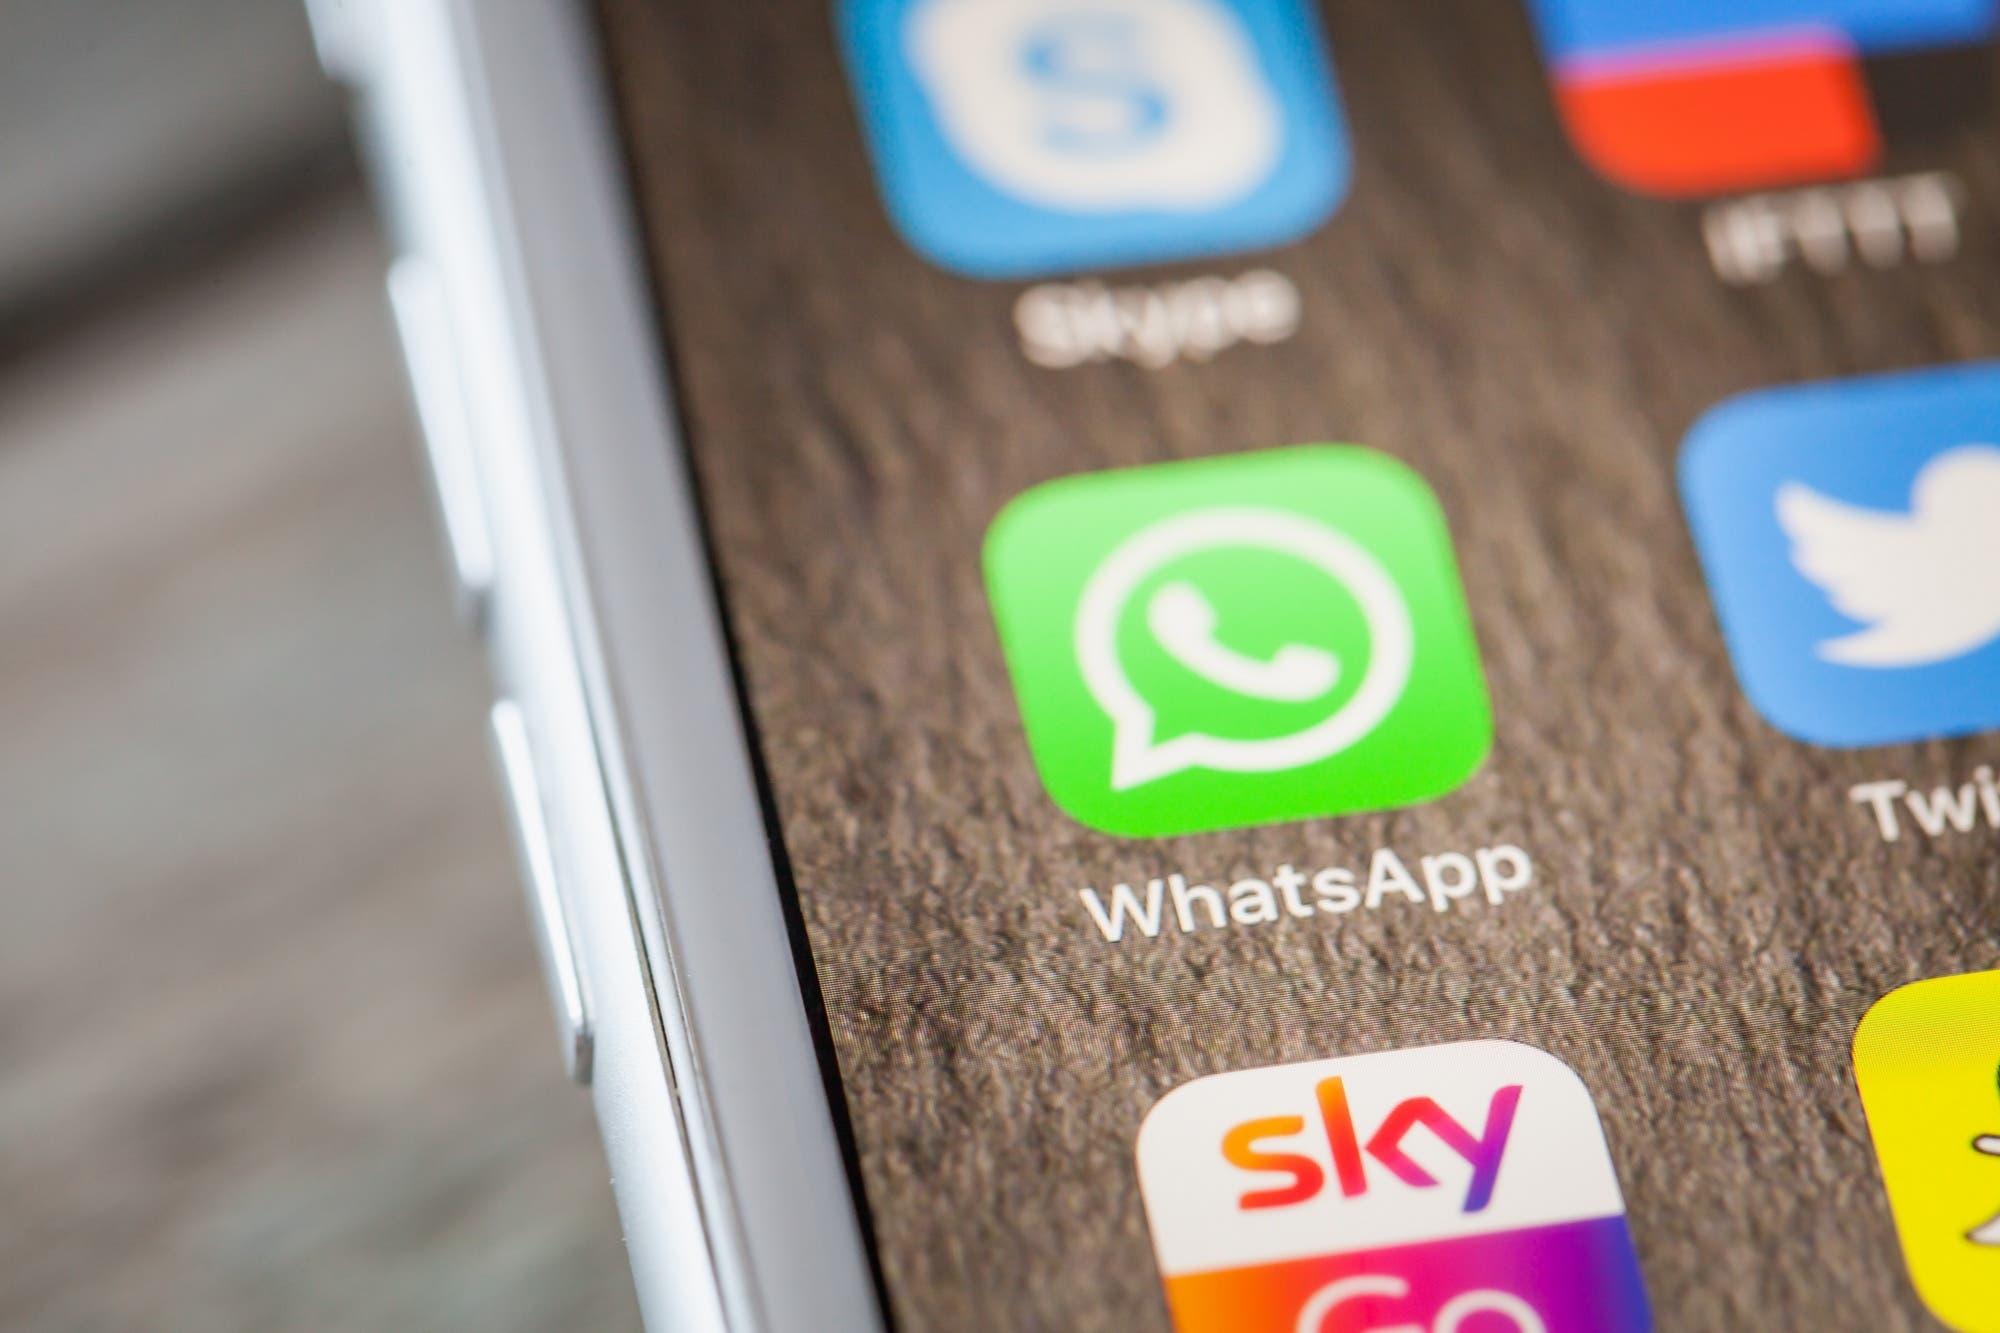 WhatsApp evalúa lanzar una app oficial del chat para iPad